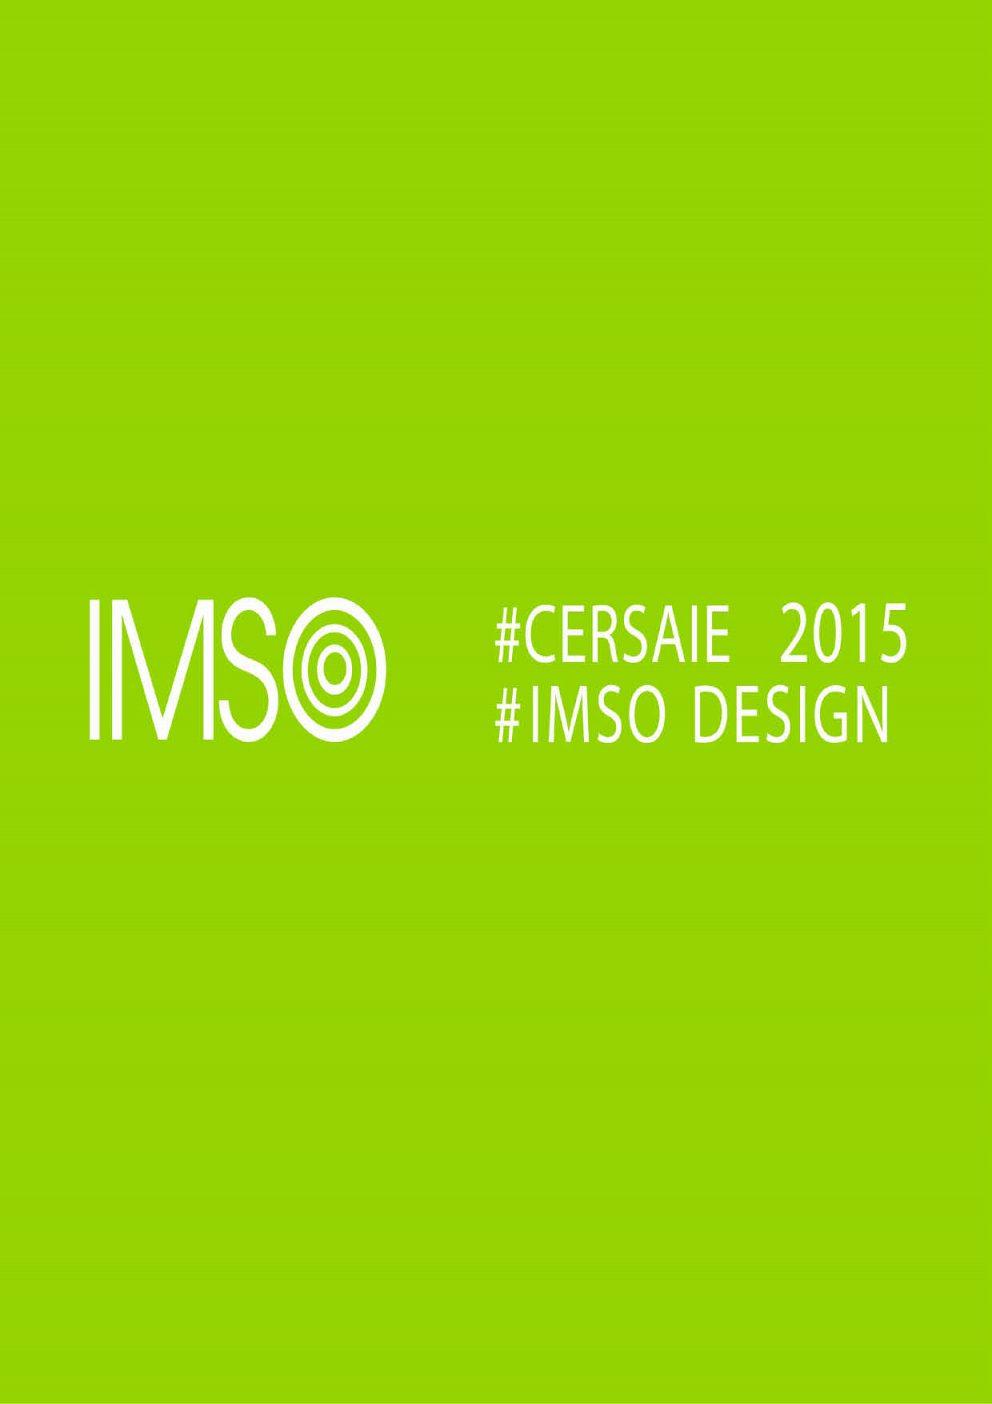 Imso - novinky Cersai 2015